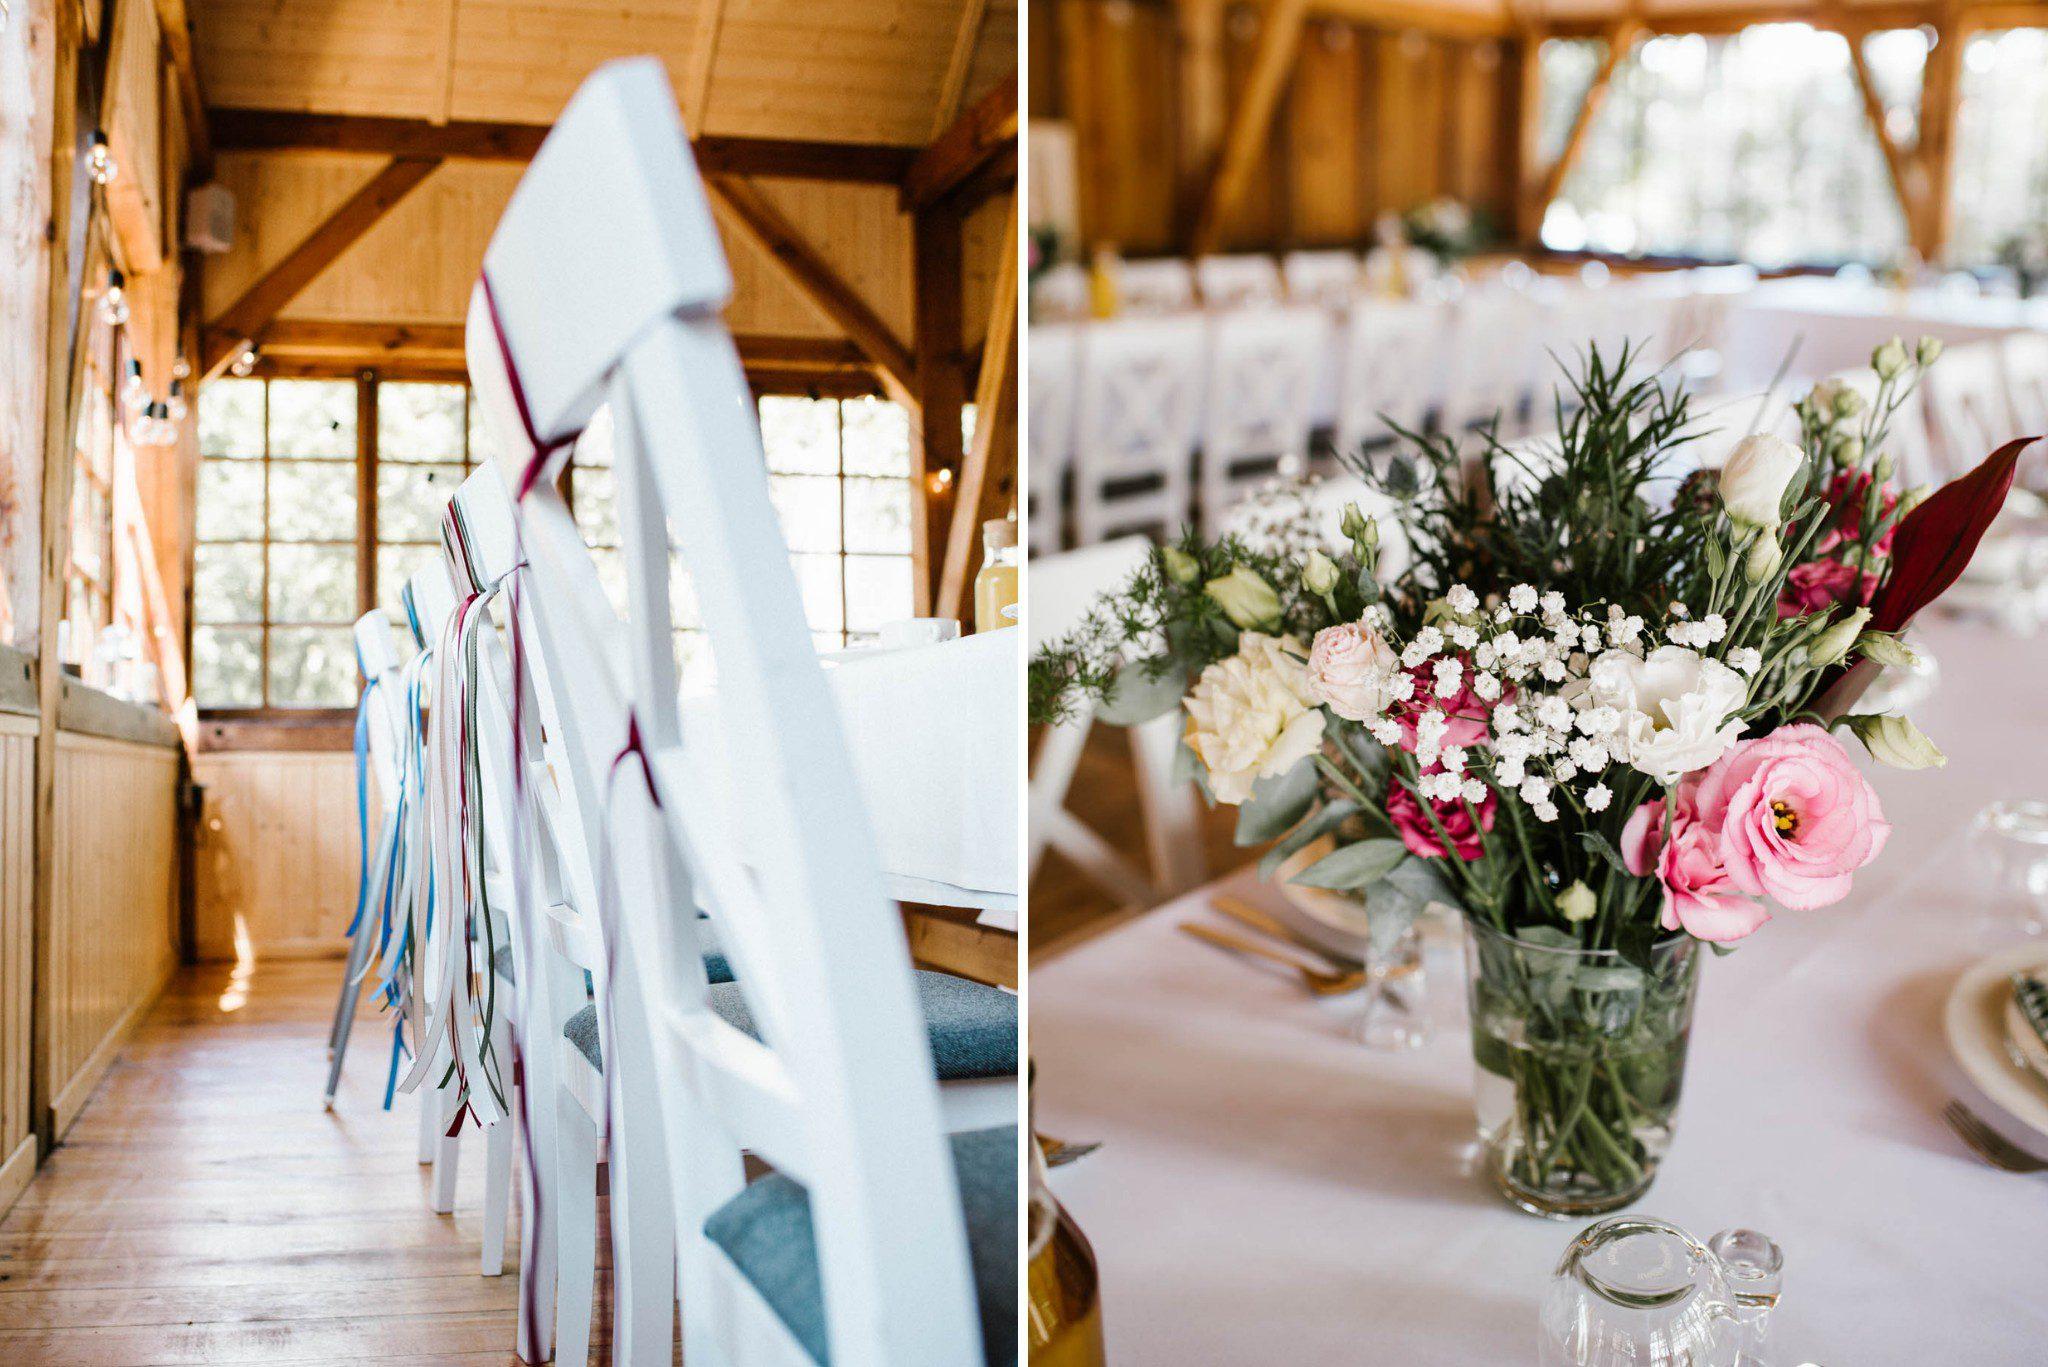 Dekoracje ślubne, kwiaty w wazonie na stole ślubnym - sesja ślubna na Wyspie Św. Edwarda Zaniemyśl